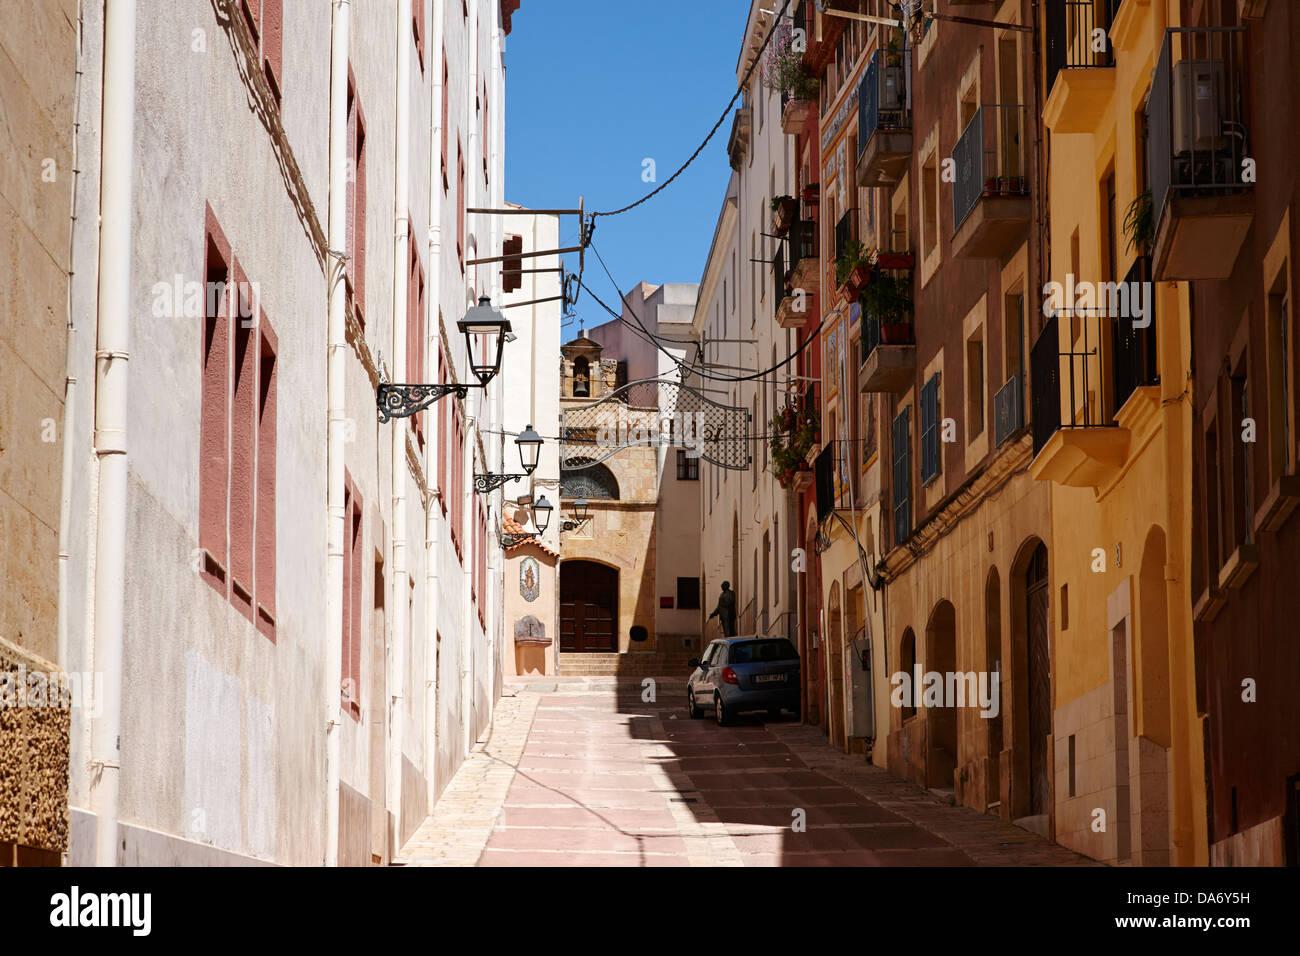 Carrer del portal del carro que conduce a la capilla de Sant magi tarragona cataluña españa Imagen De Stock